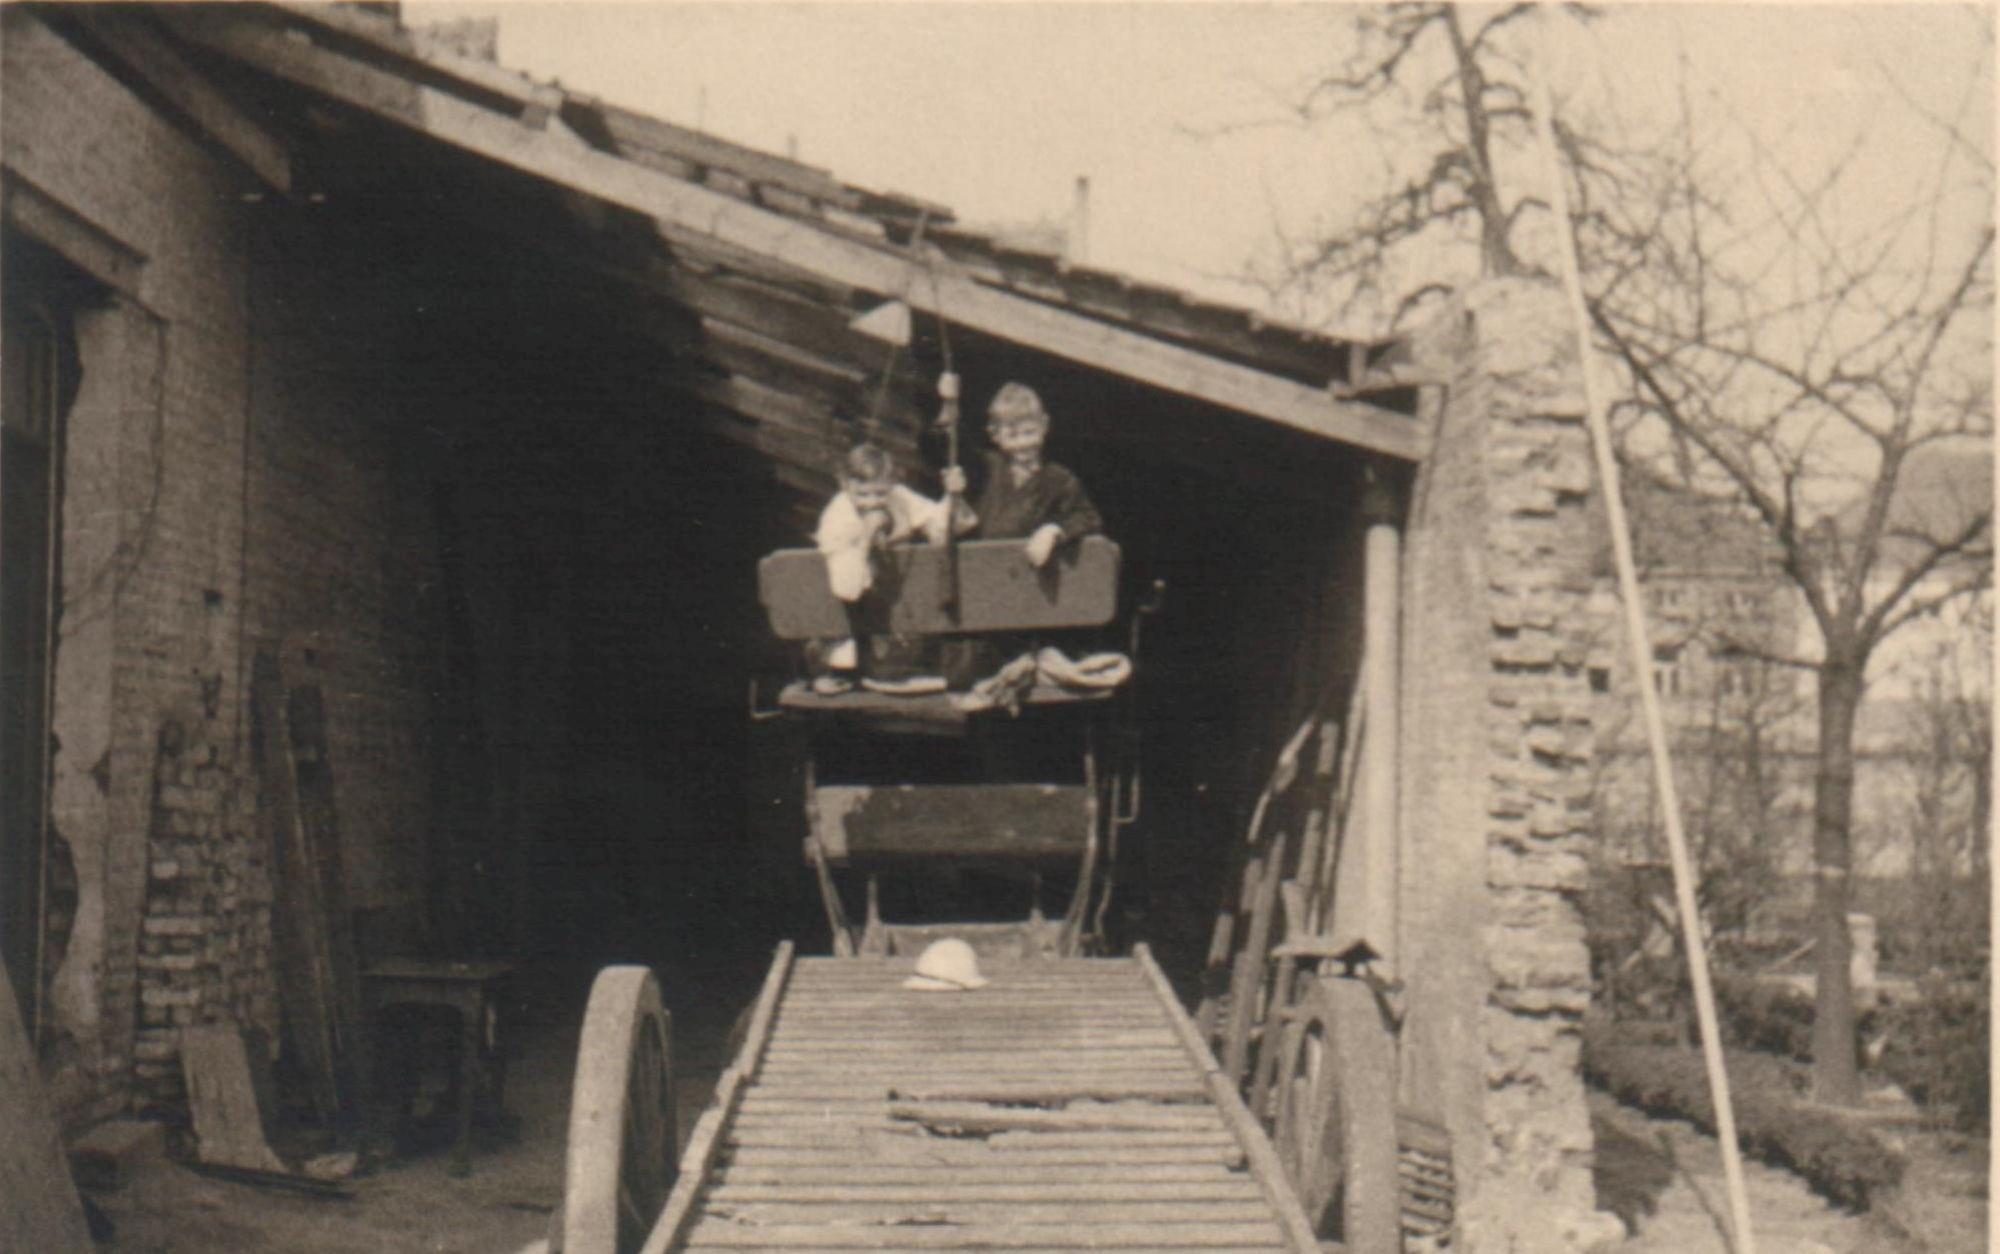 Brouwerij Tack in 1948